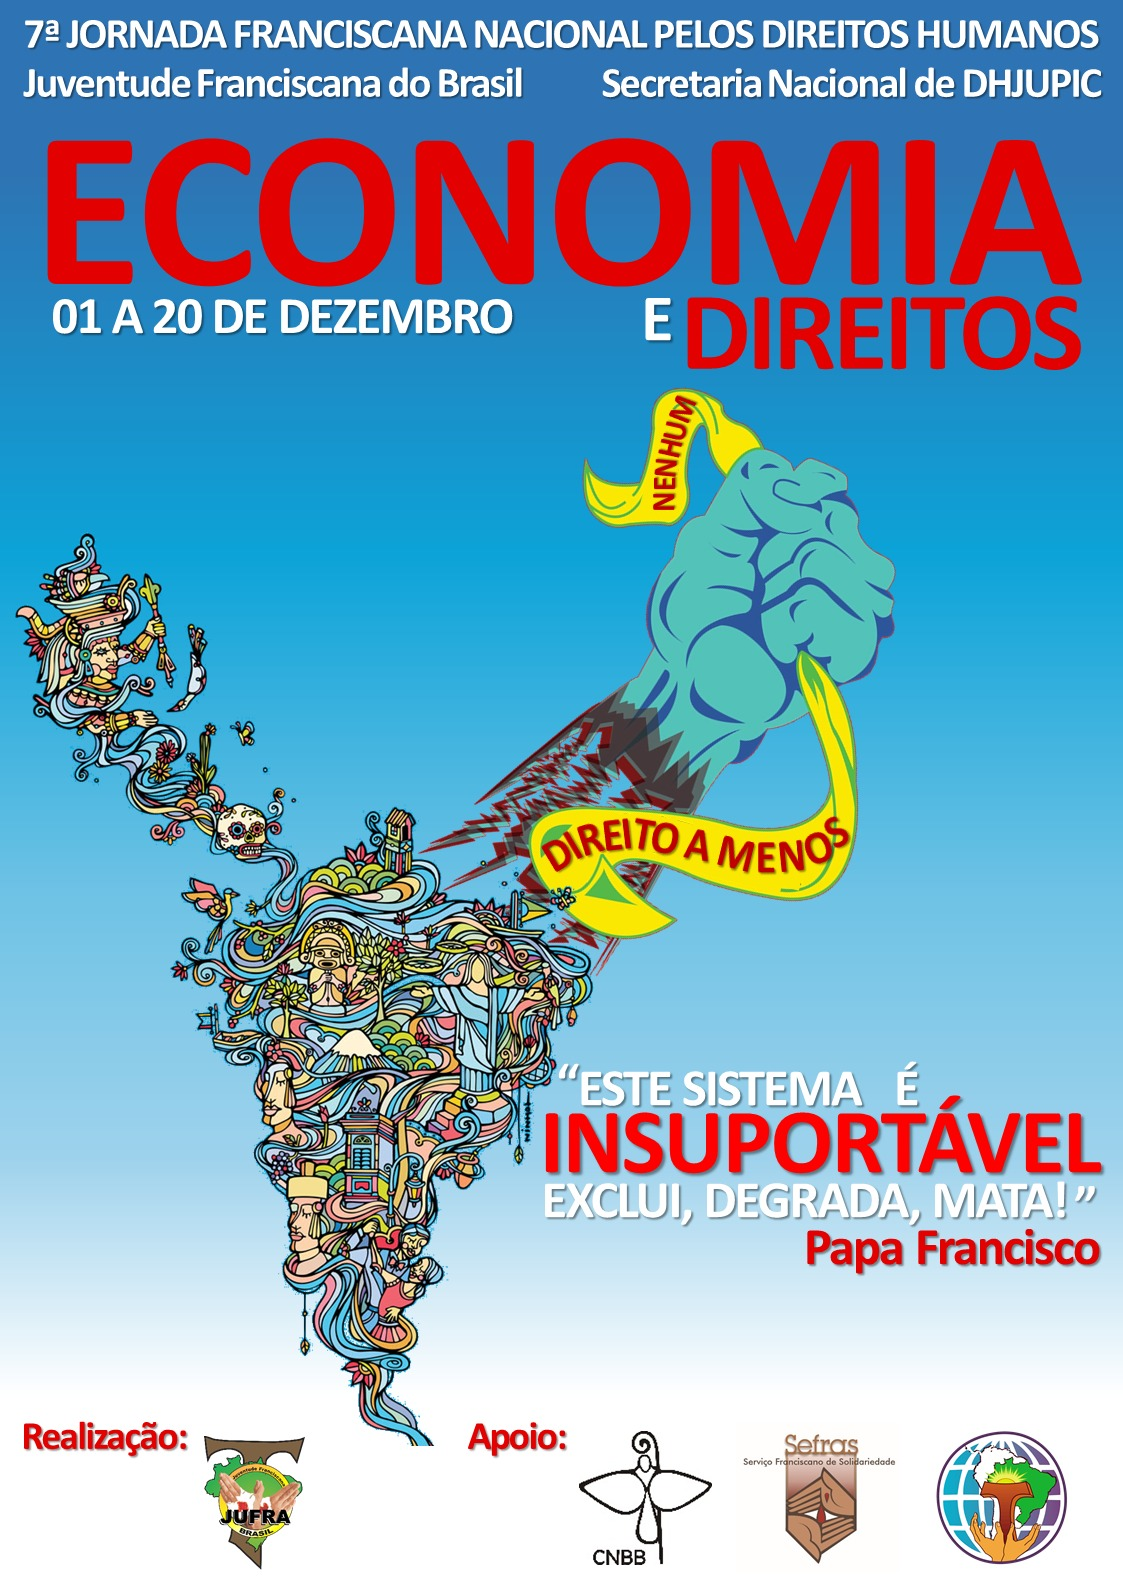 7ª Jornada Franciscana Nacional pelos Direitos Humanos